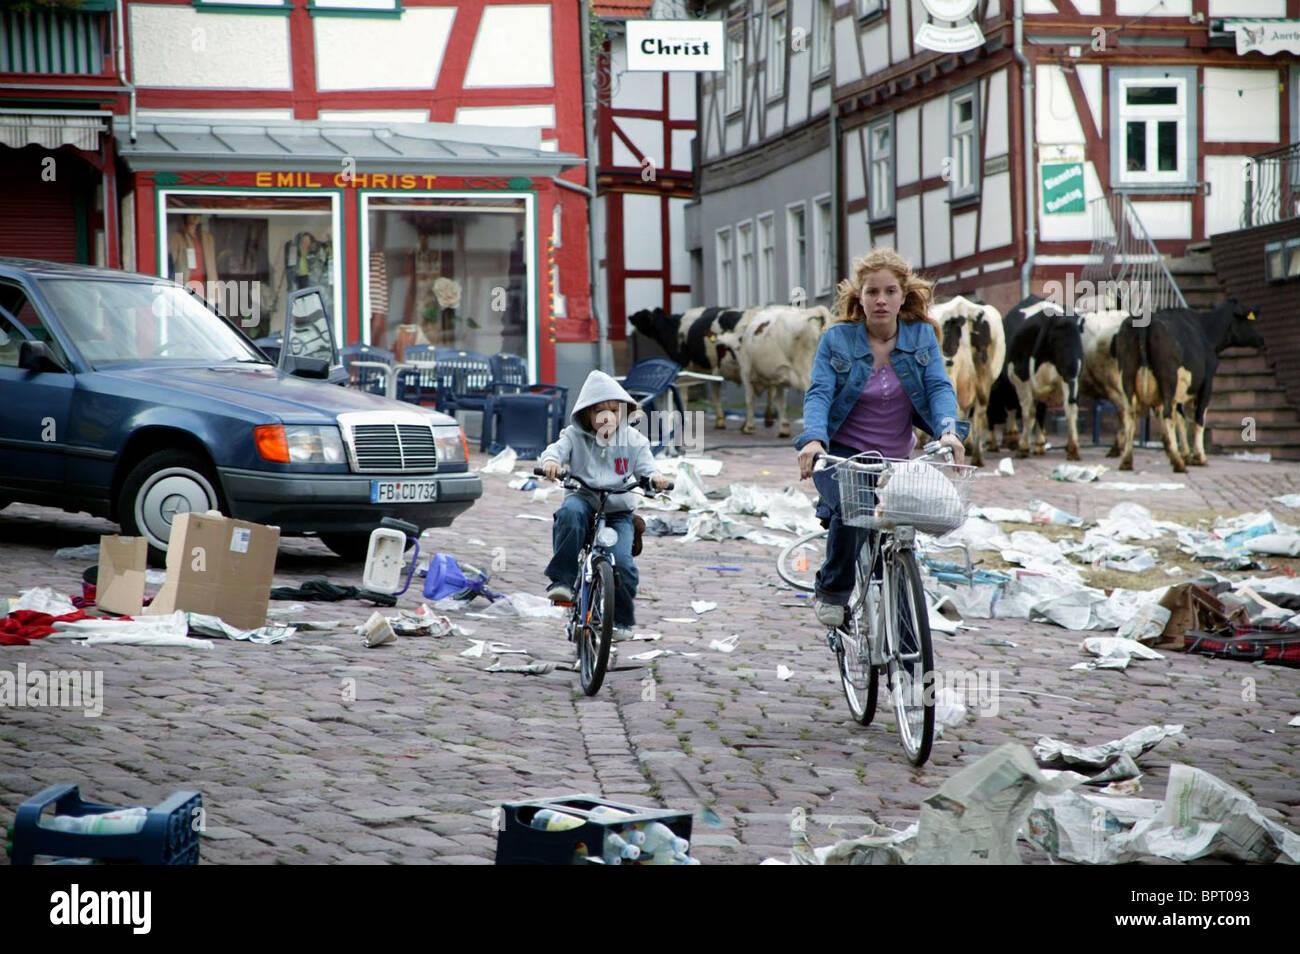 HANS-LAURIN BEYERLING & PAULA KALENBERG DIE WOLKE; THE CLOUD (2006) - Stock Image